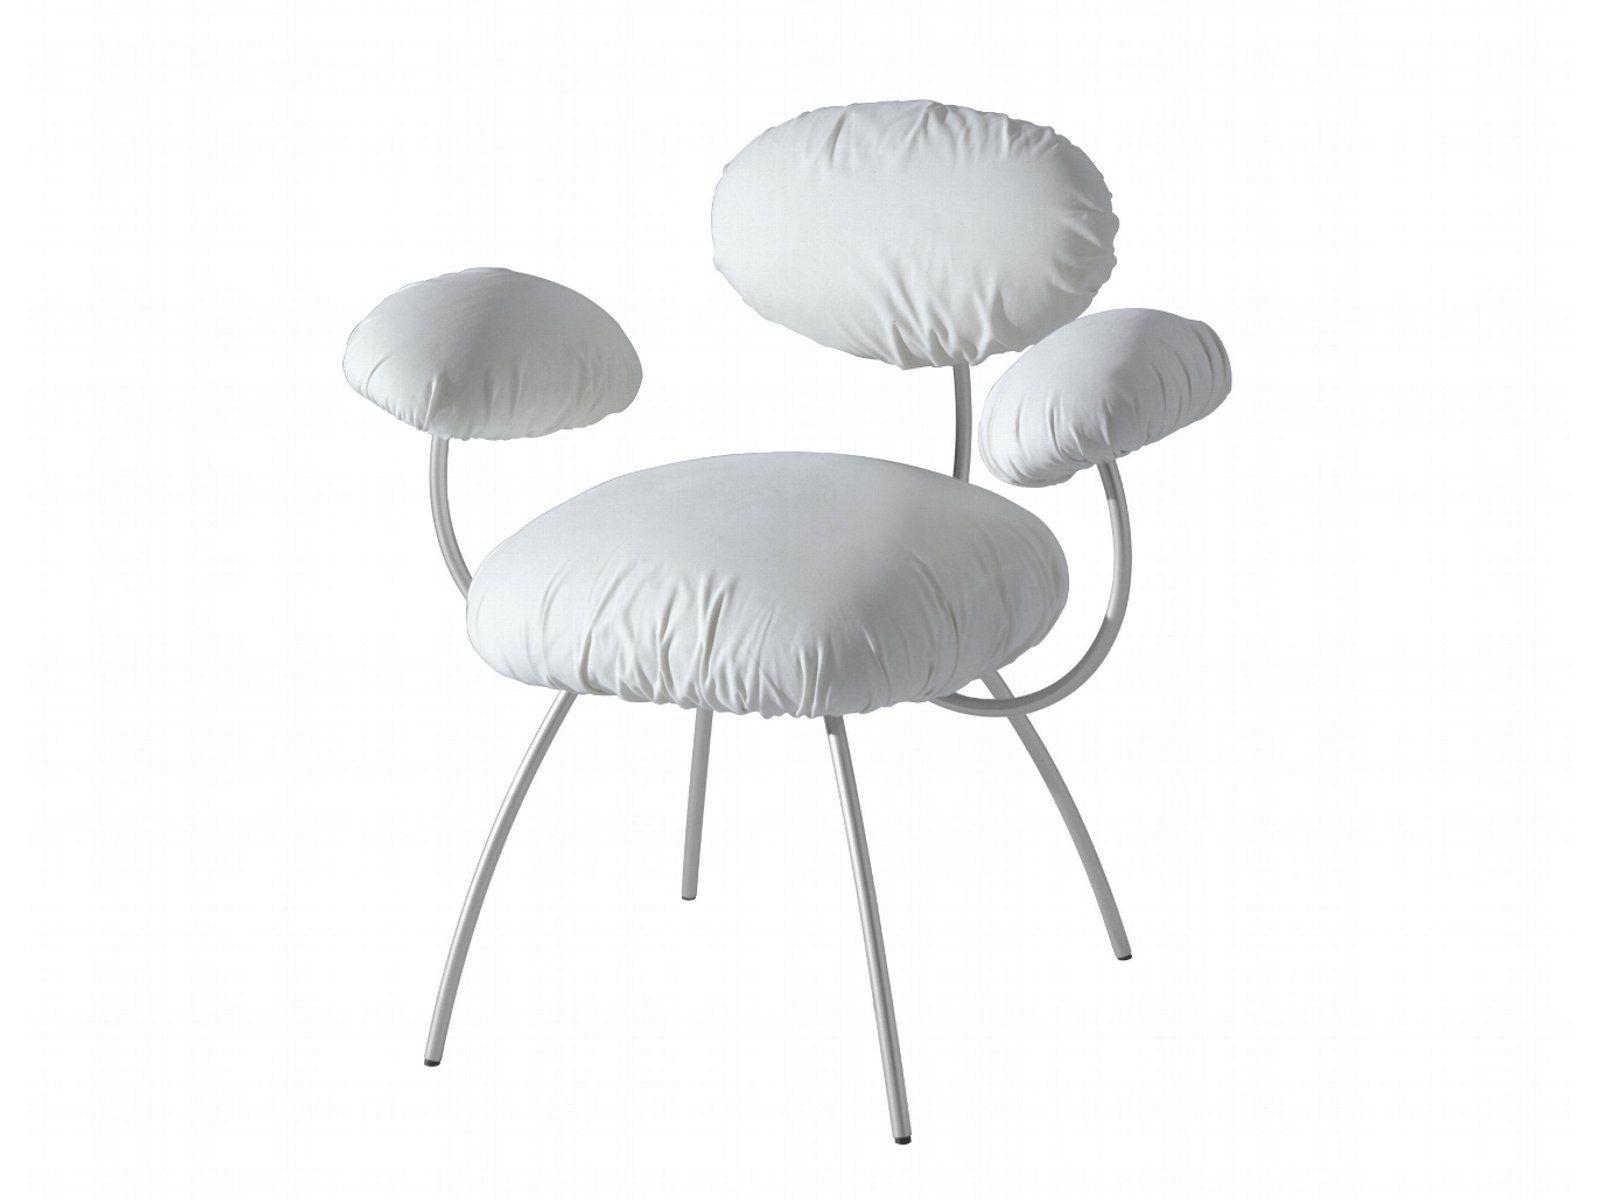 upholstered chair with armrests saint james by roset italia design jean nouvel. Black Bedroom Furniture Sets. Home Design Ideas